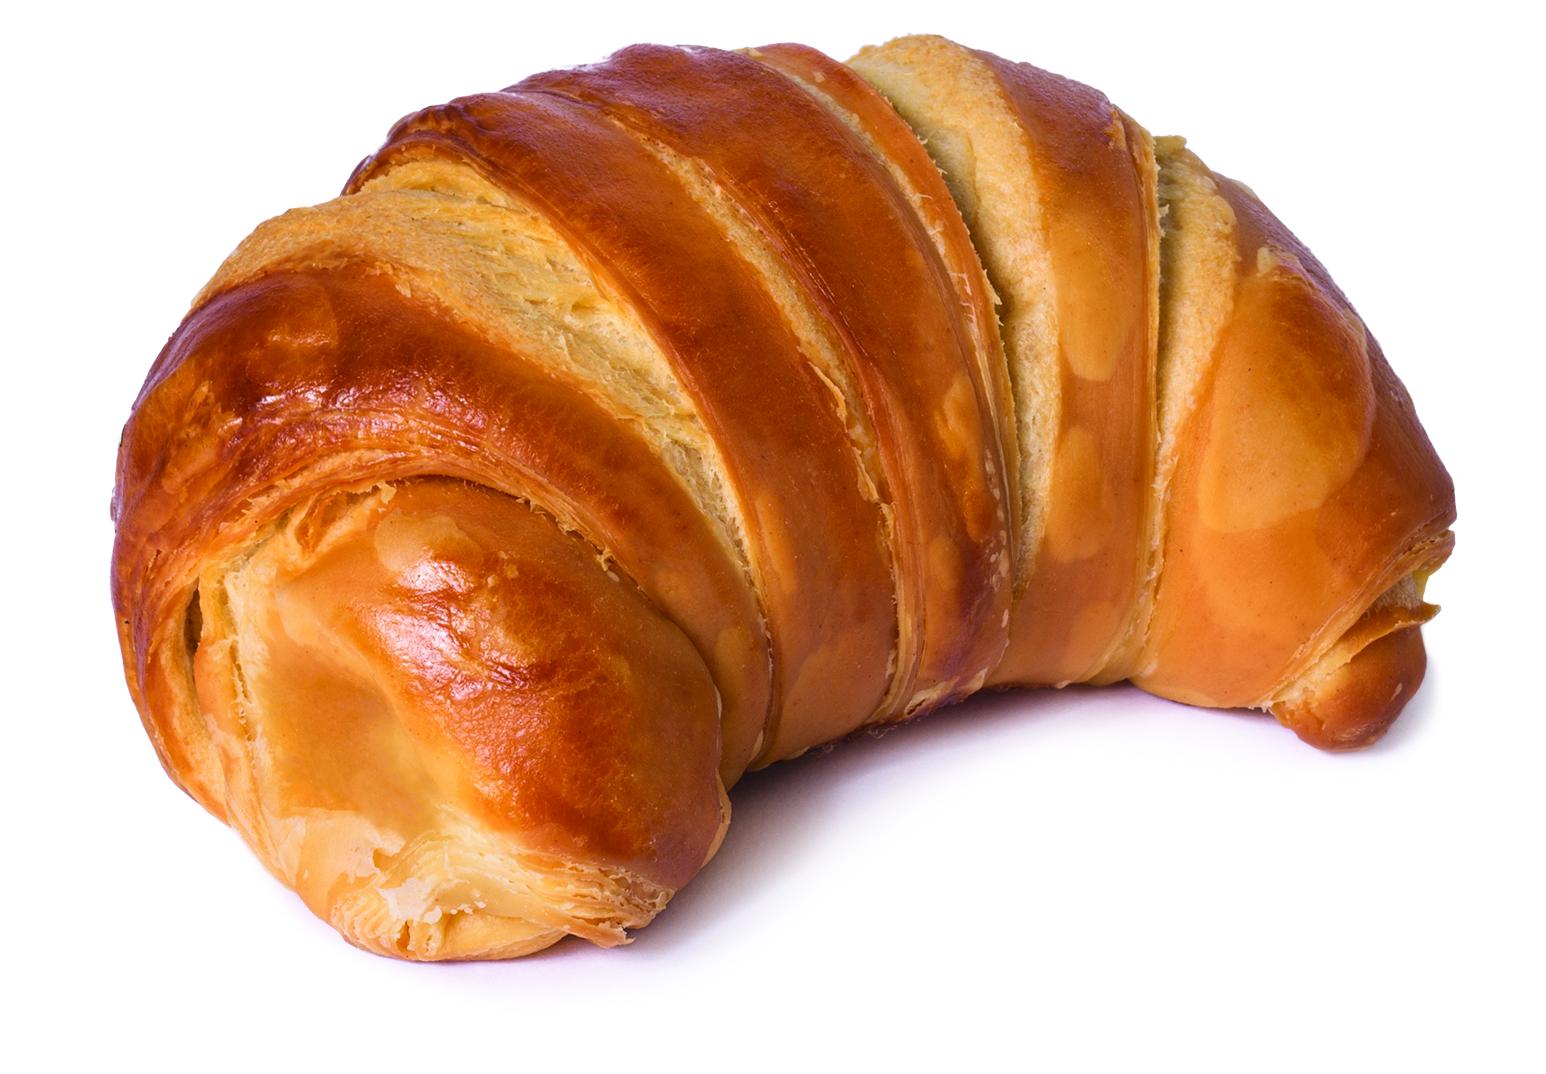 Lanche - Croissants Croissants - Presunto e Queijo